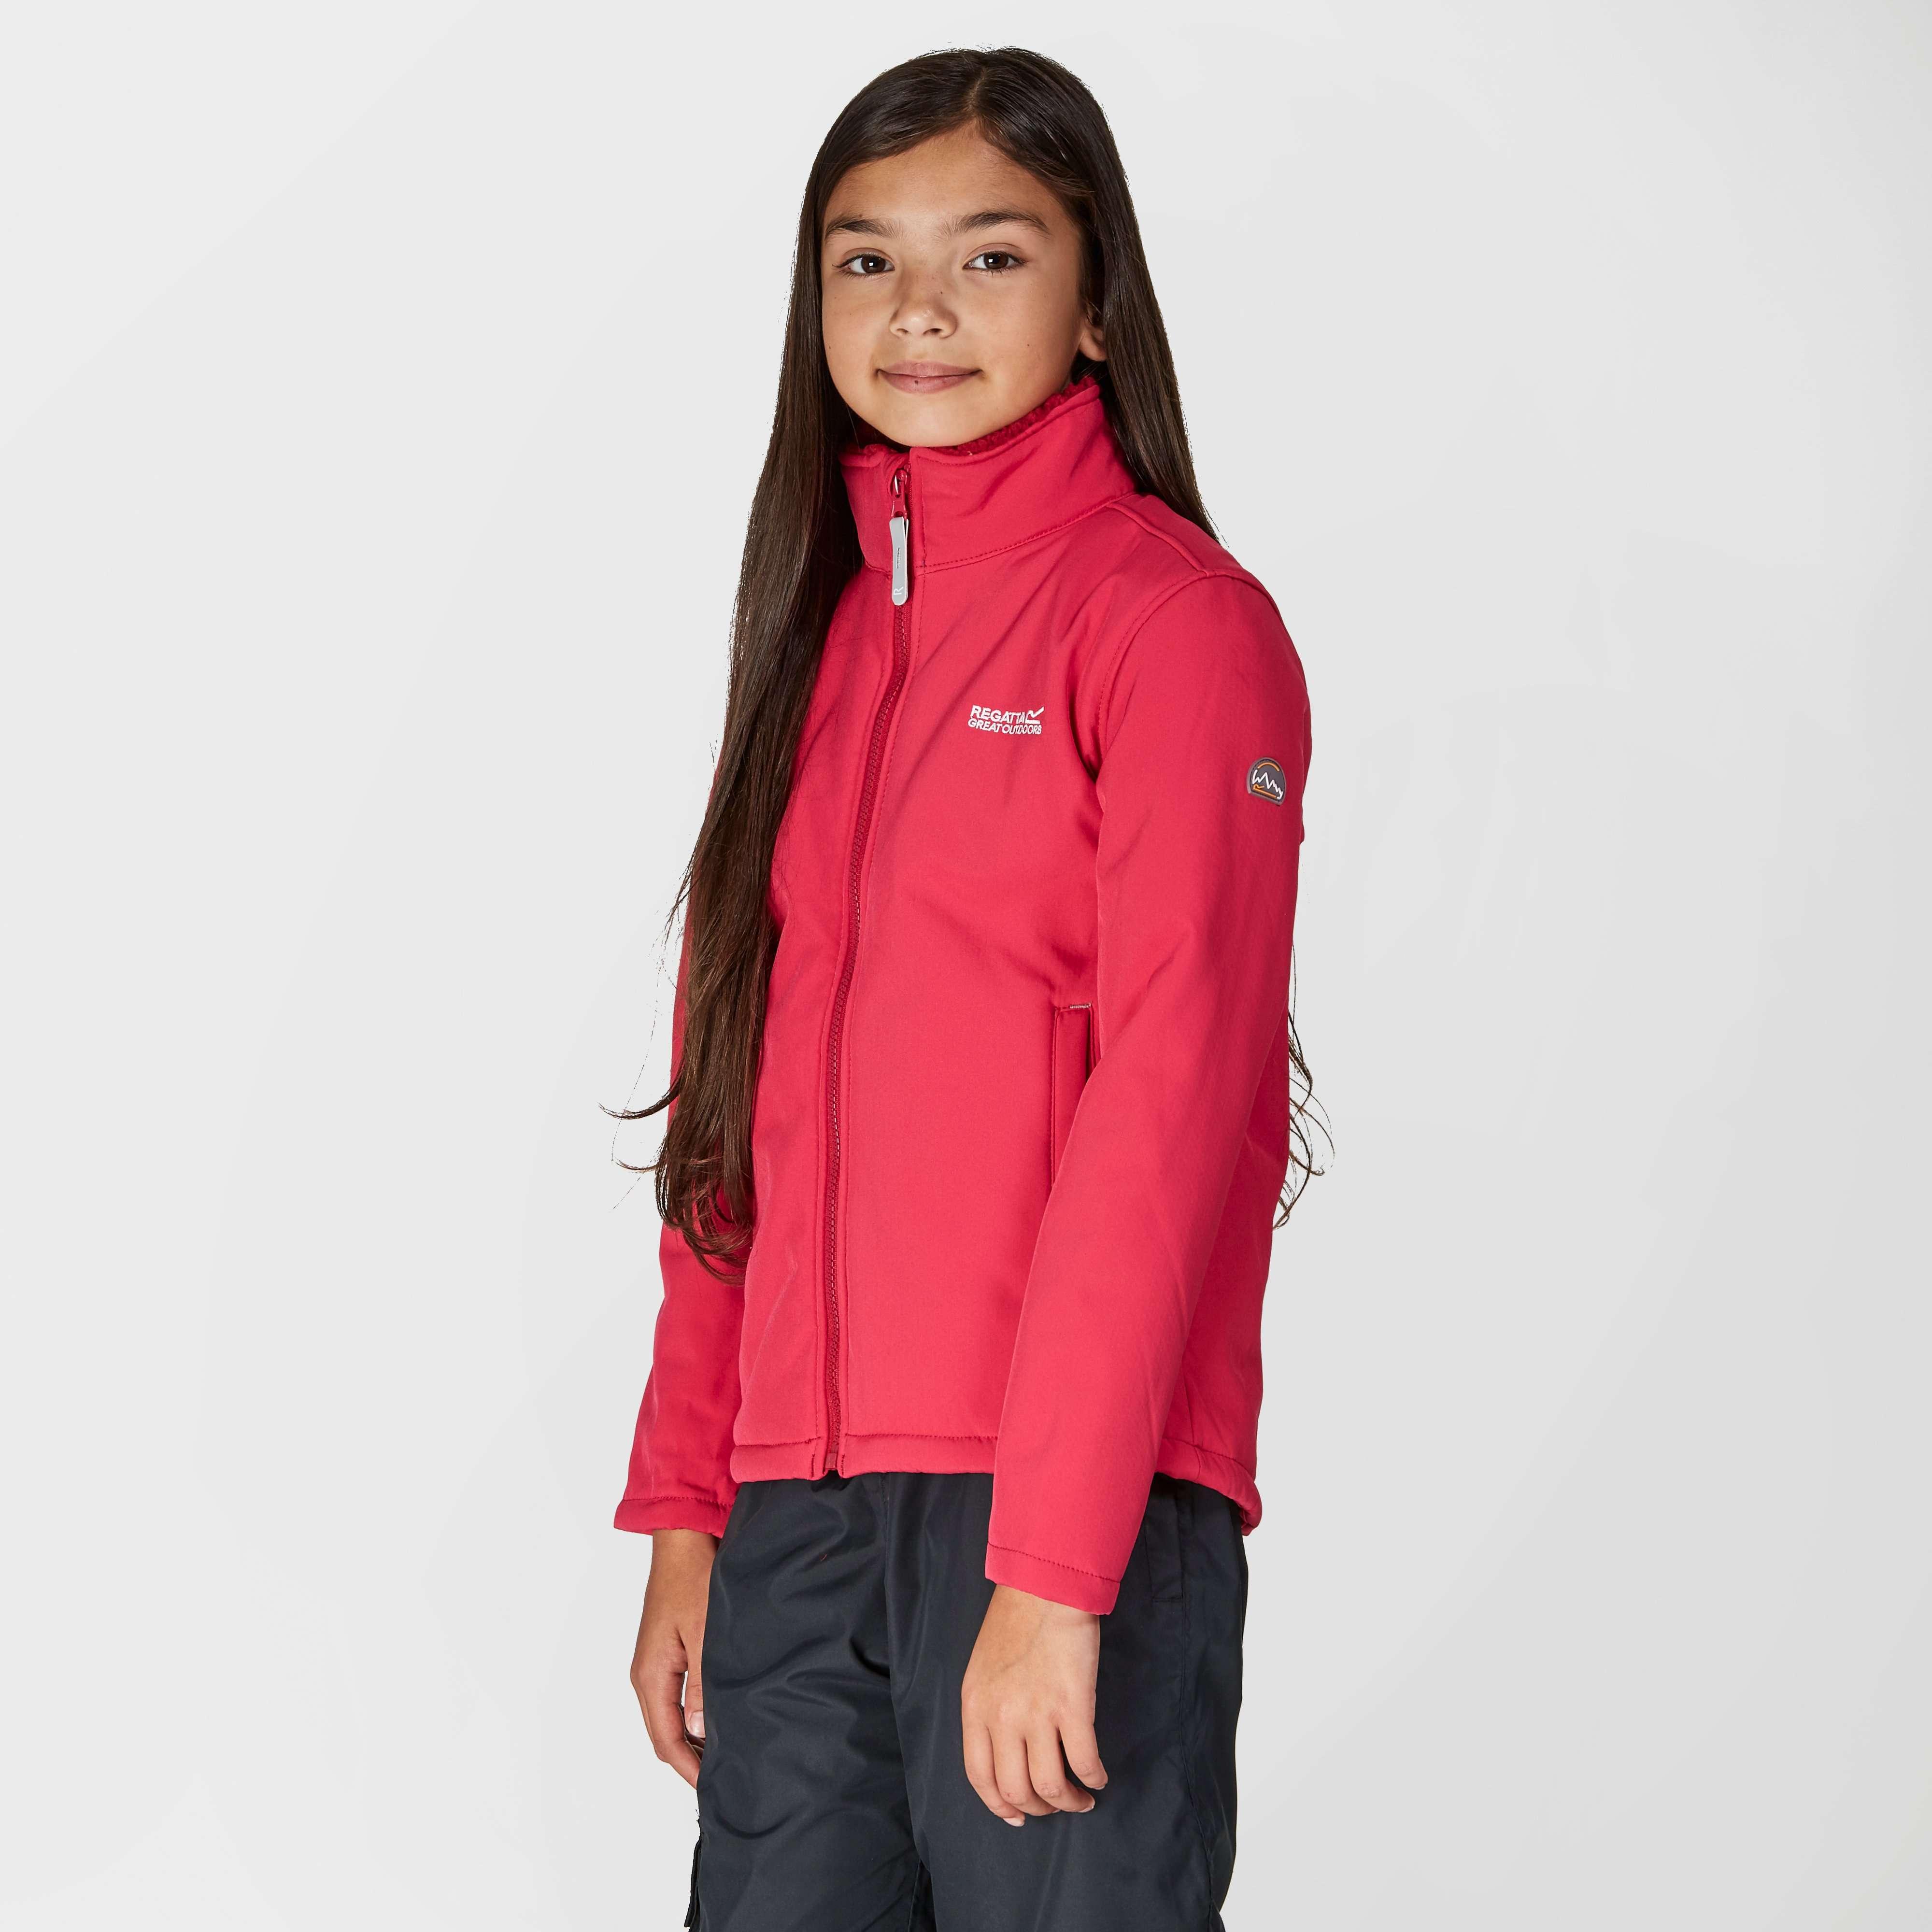 REGATTA Girl's Tato IV Softshell Jacket